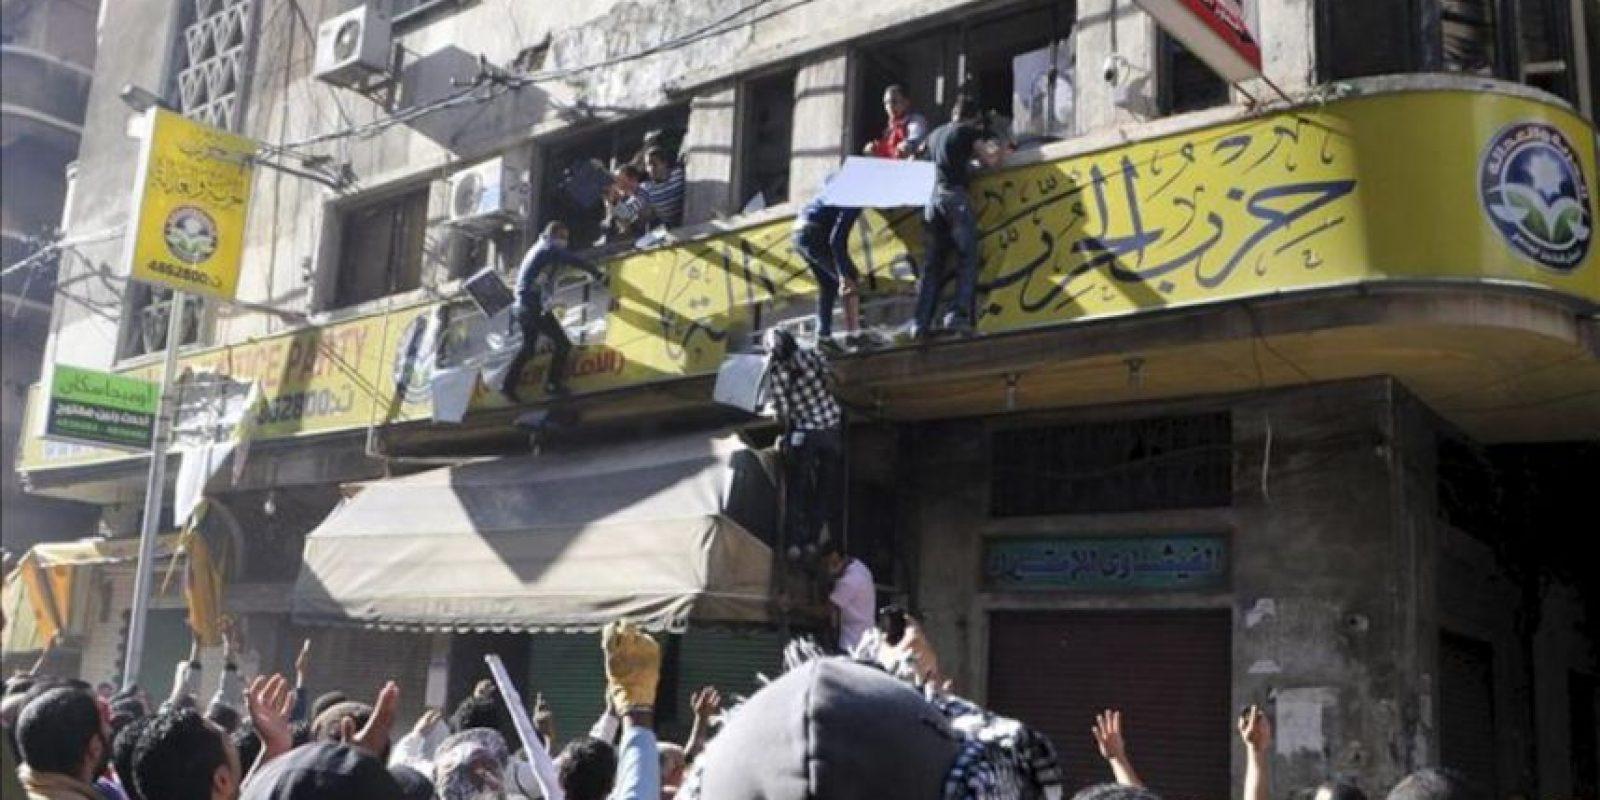 Manifestantes egipcios asaltan la oficina de los Hermanos Musulmanes durante una protesta organizada por la oposición en contra de las últimas decisiones del presidente egipcio, Mohamed Mursi, en El Cairo, Egipto, el 23 de noviembre de 2012. EFE